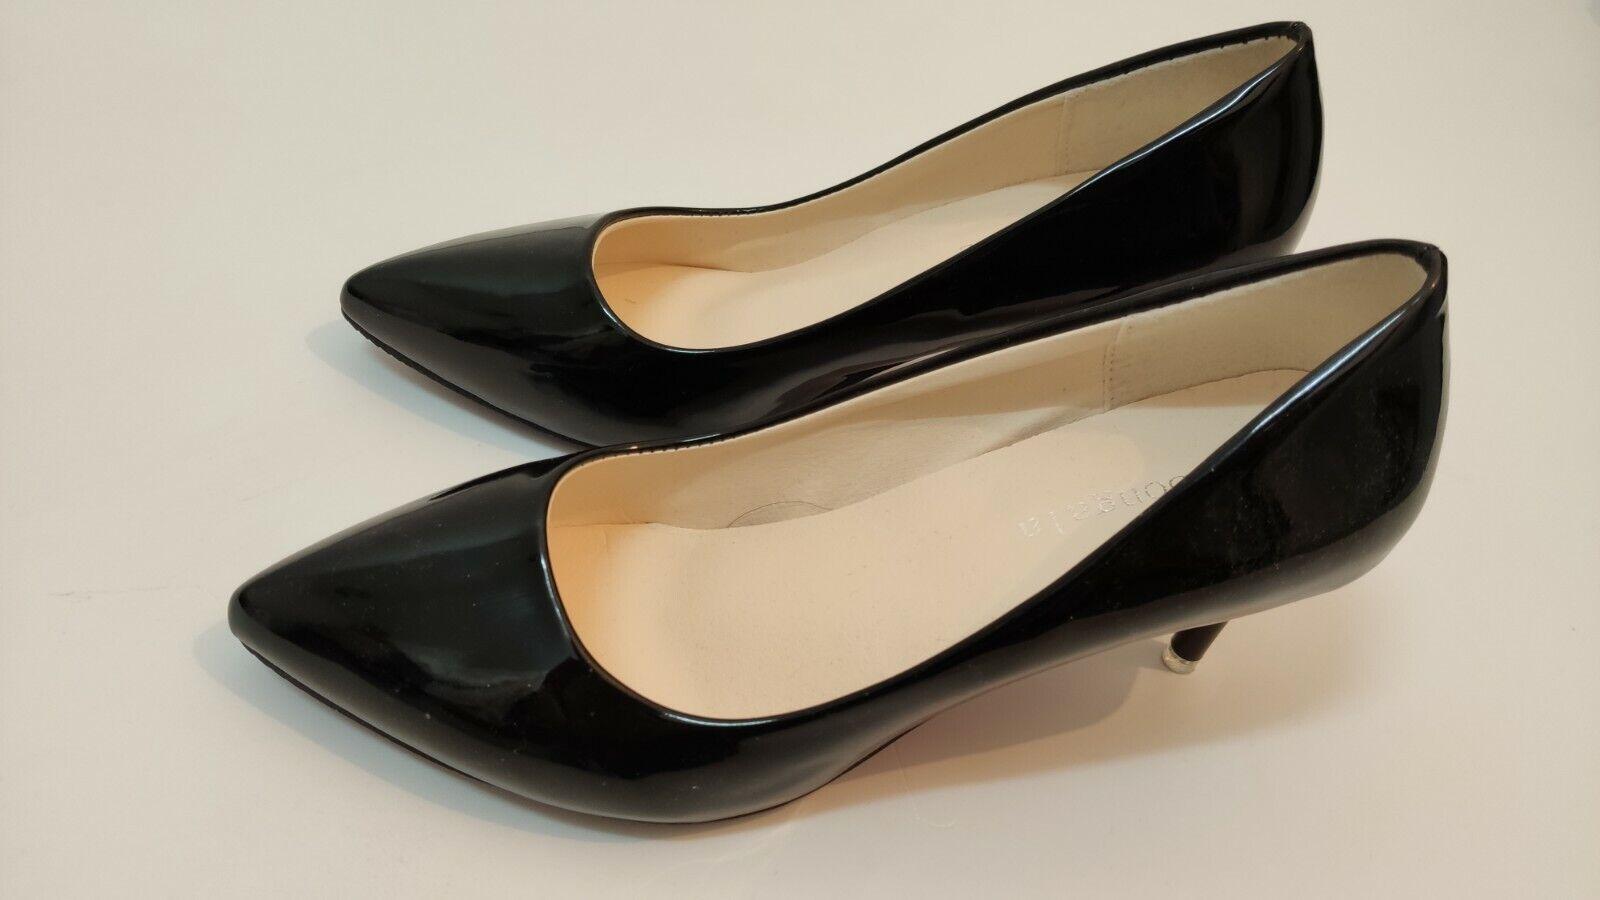 zapatos de mujer salón negros nº 39 nuevos